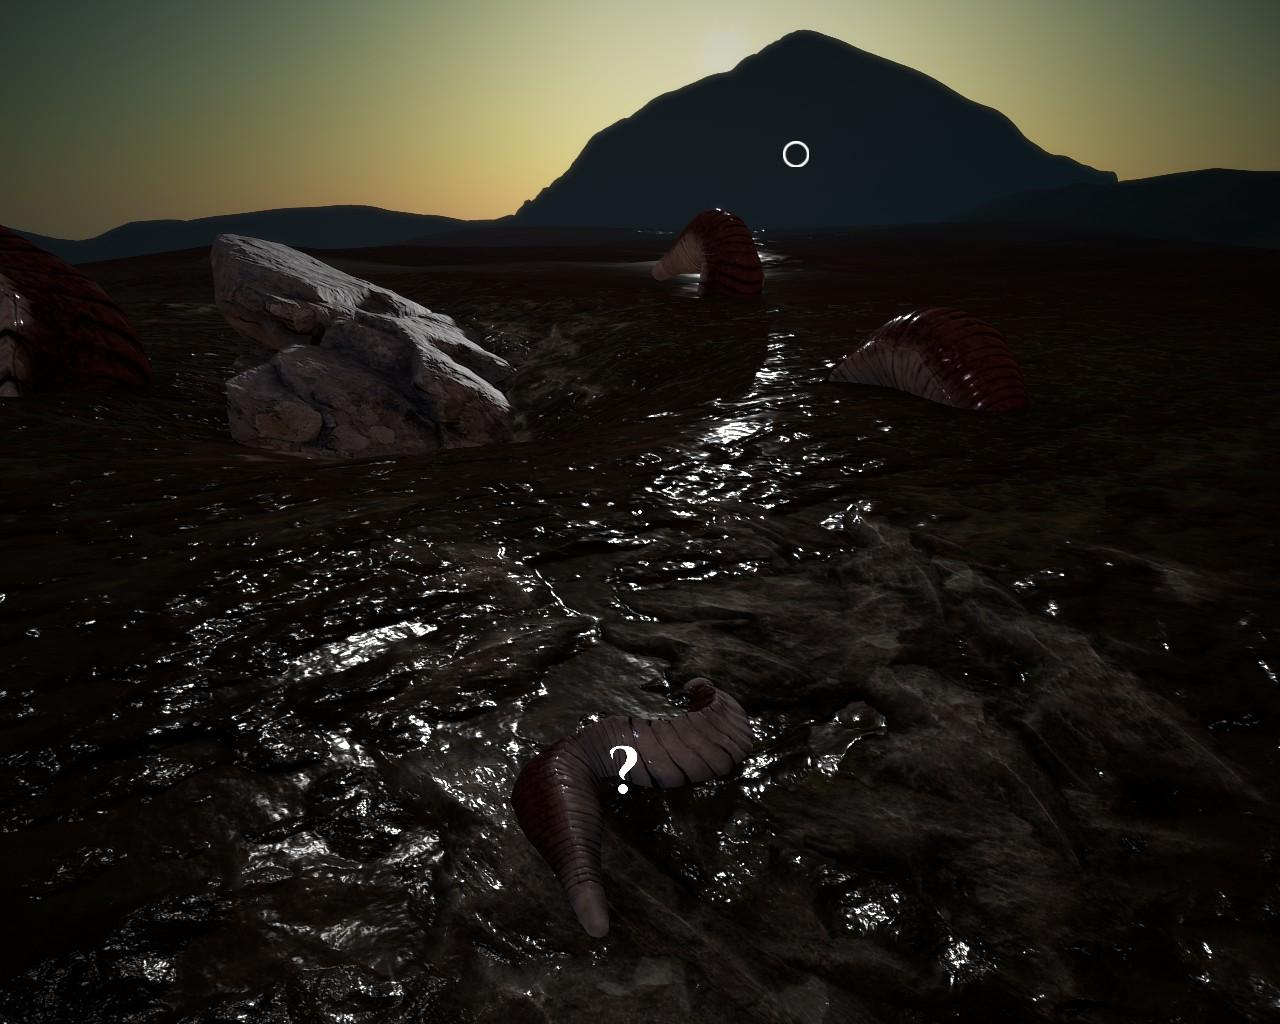 Dagon: by H. P. Lovecraft - Todos los logros 10